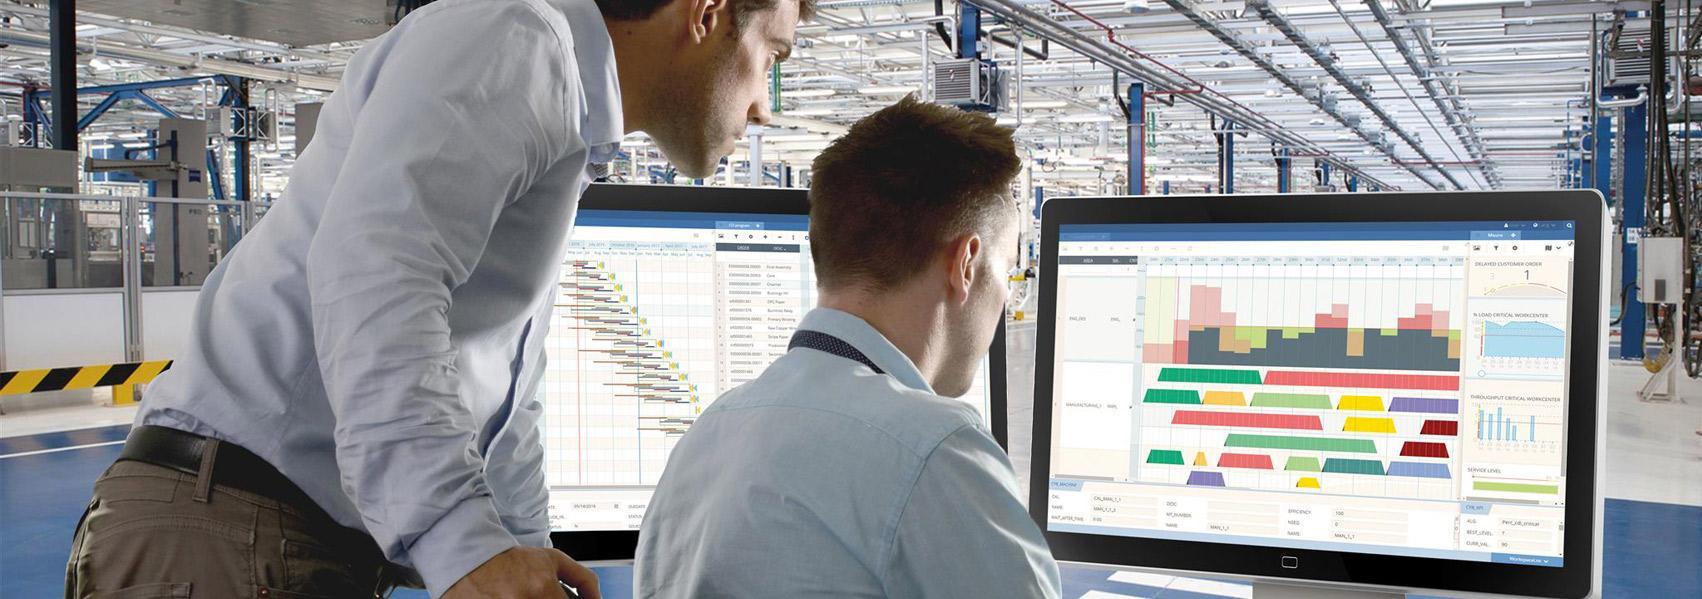 Avis CyberPlan : Logiciel de planification et planning détaillé, avancé - appvizer